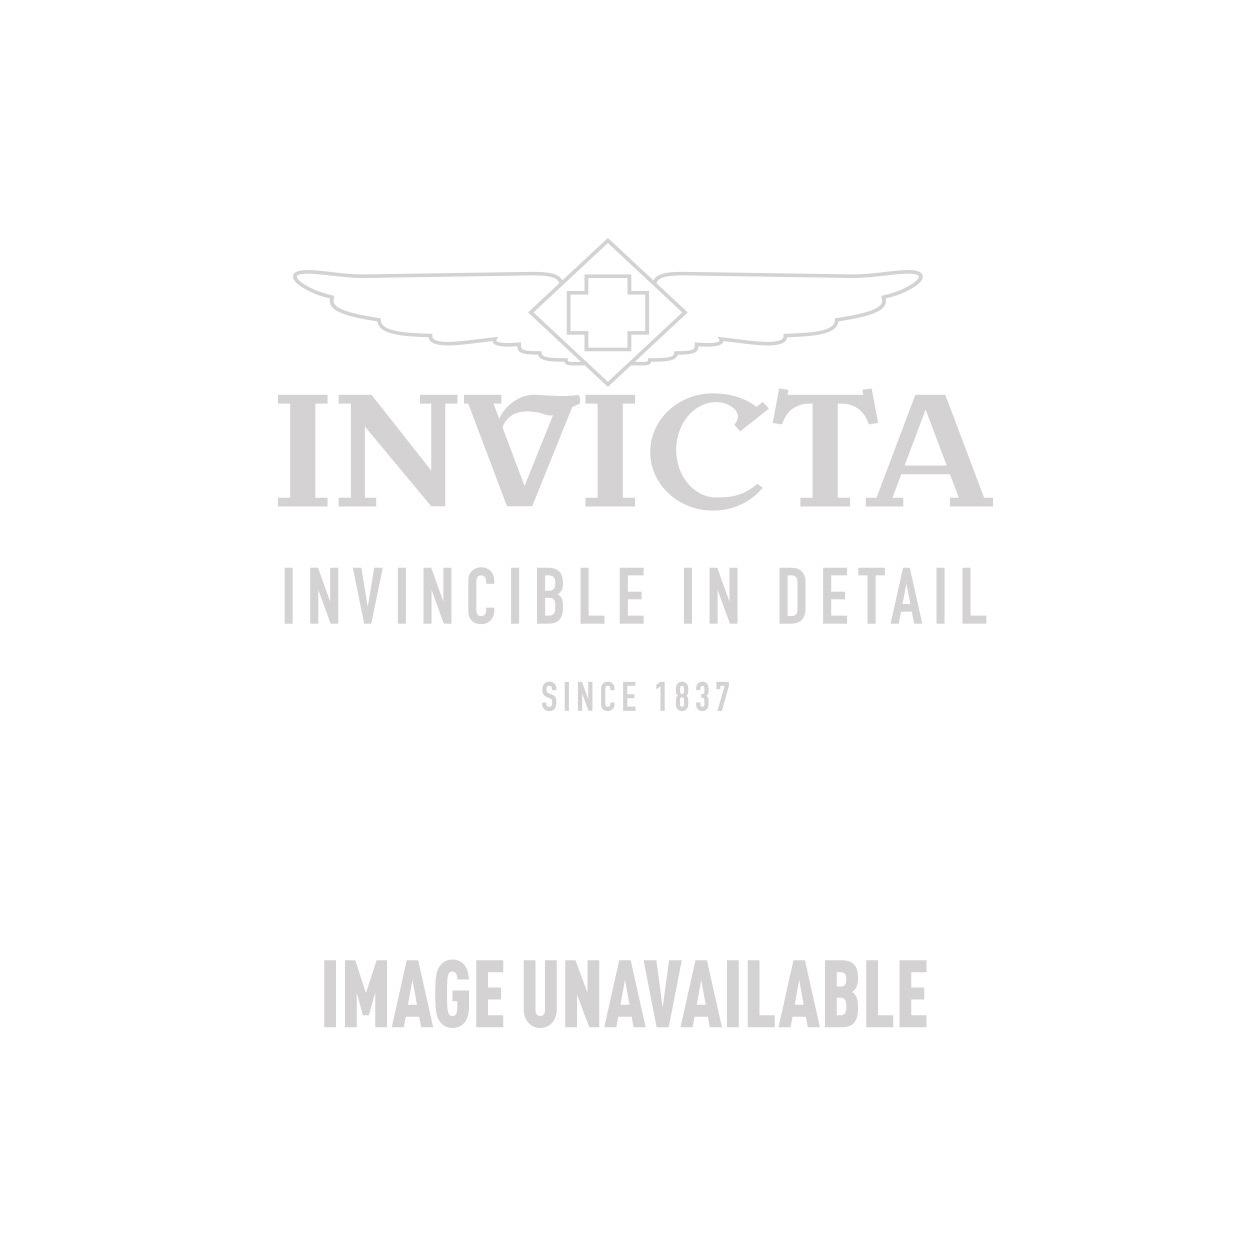 Invicta Model 25174